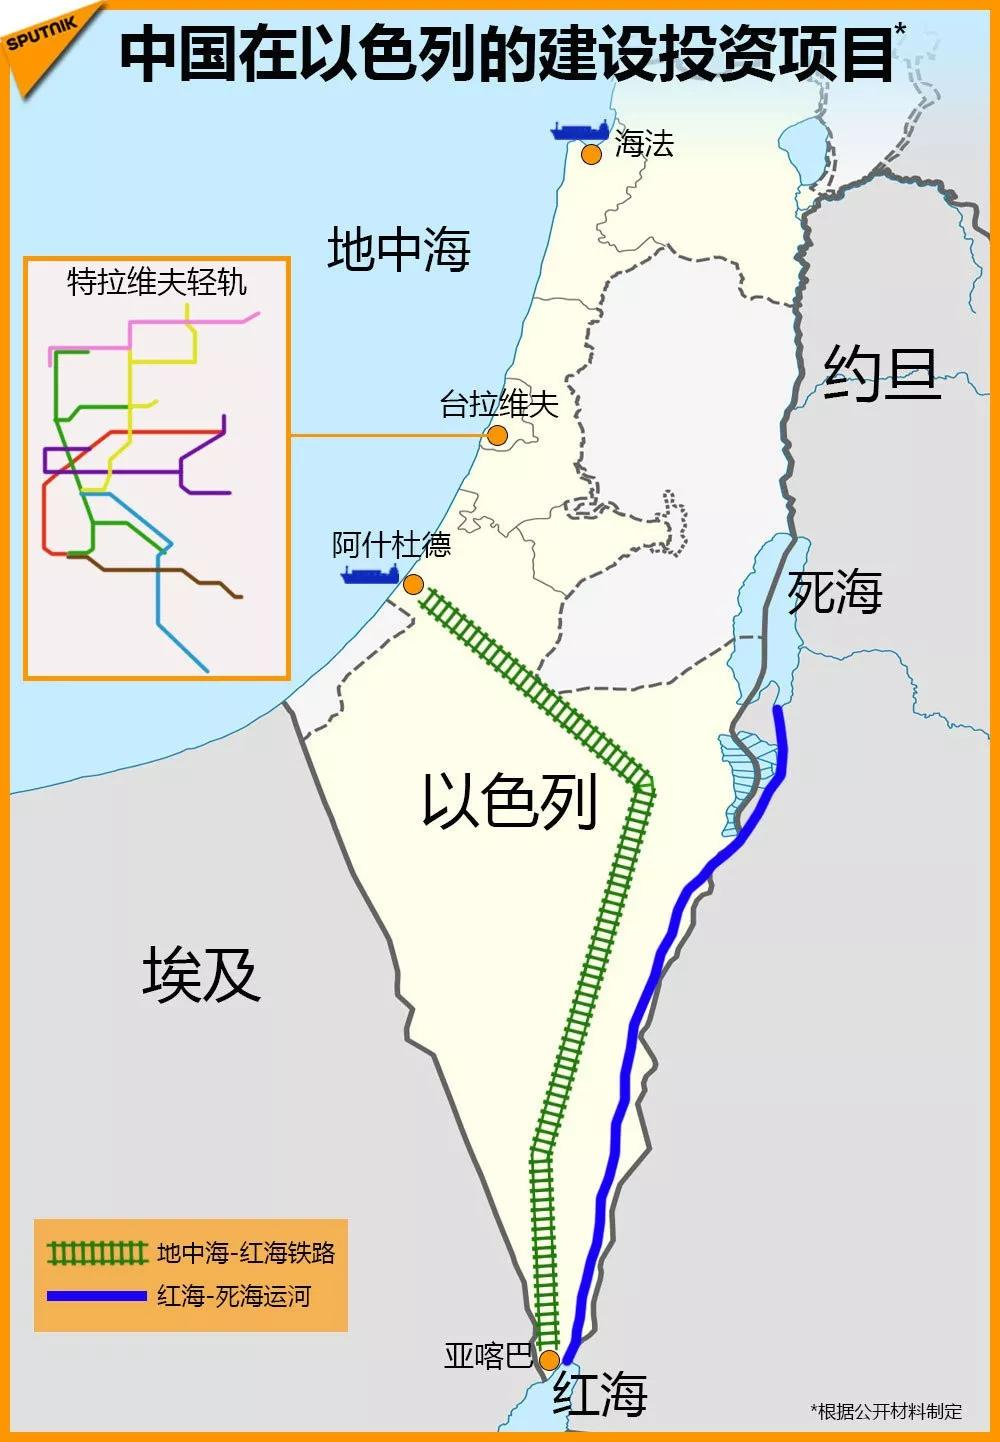 中国获以色列战略港口25年运营权 美国很郁闷